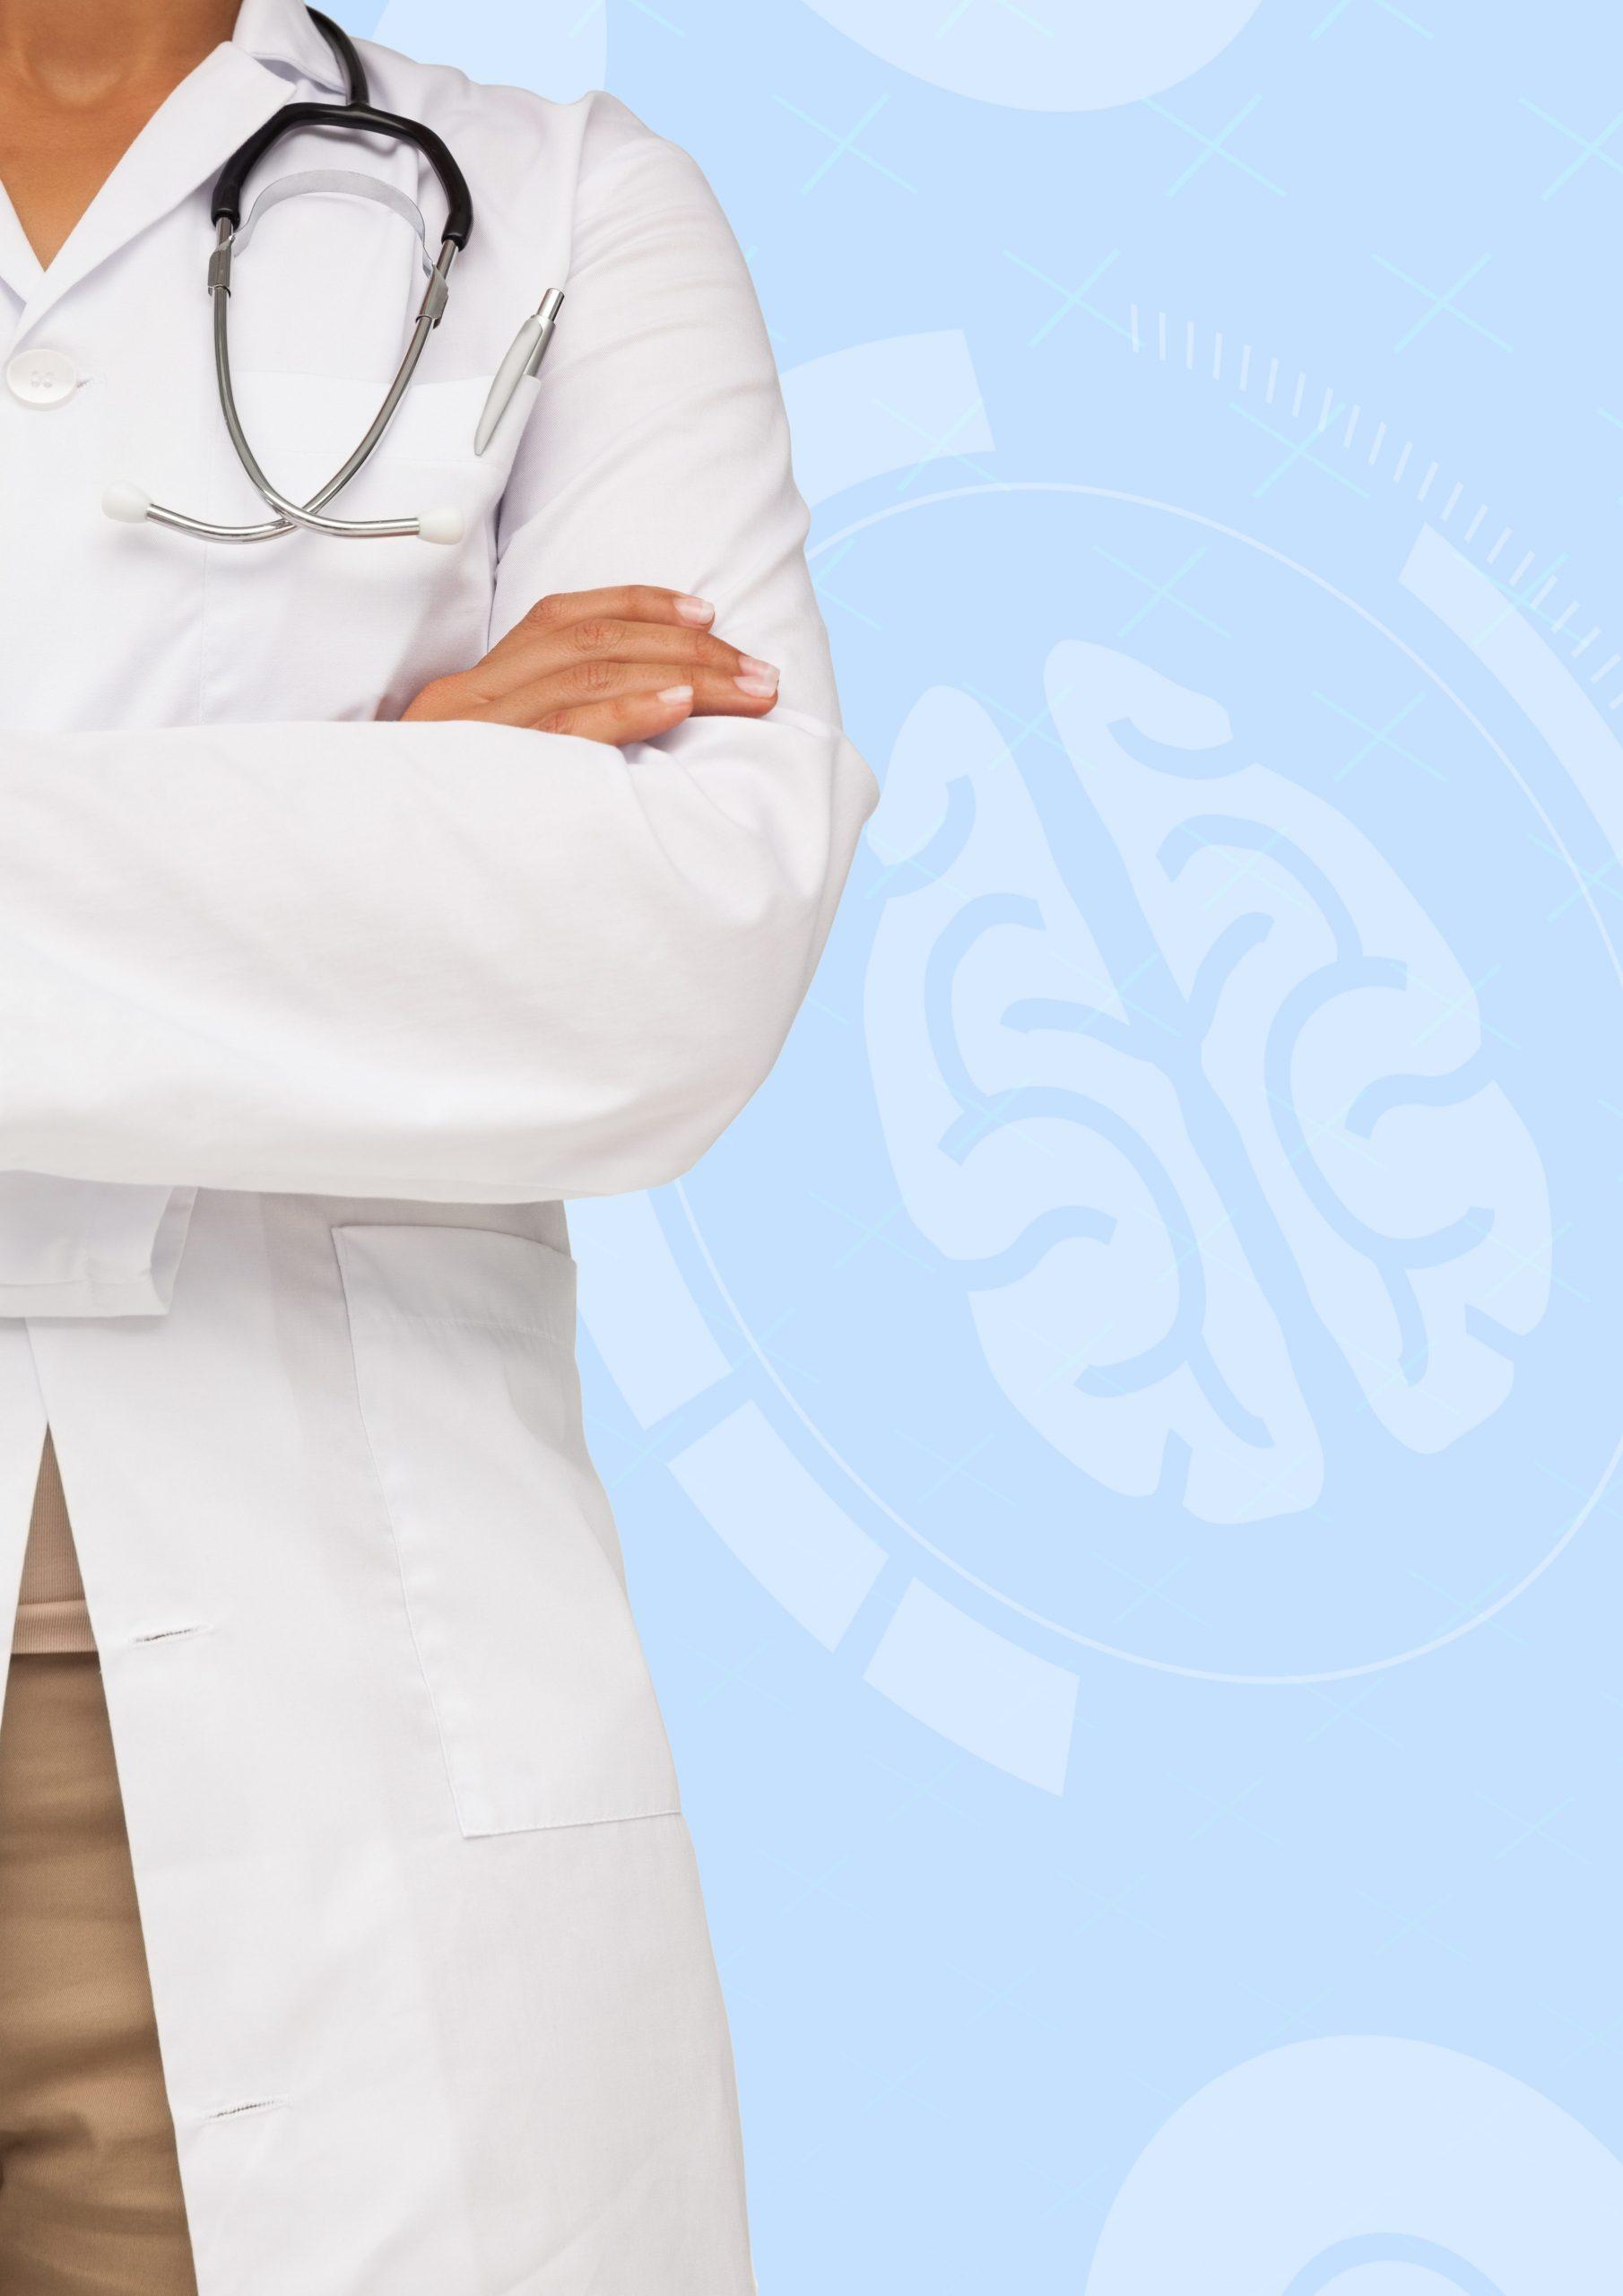 Medizinisches Studium auch ohne 1,0er-Schnitt studieren? Ja, das geht!